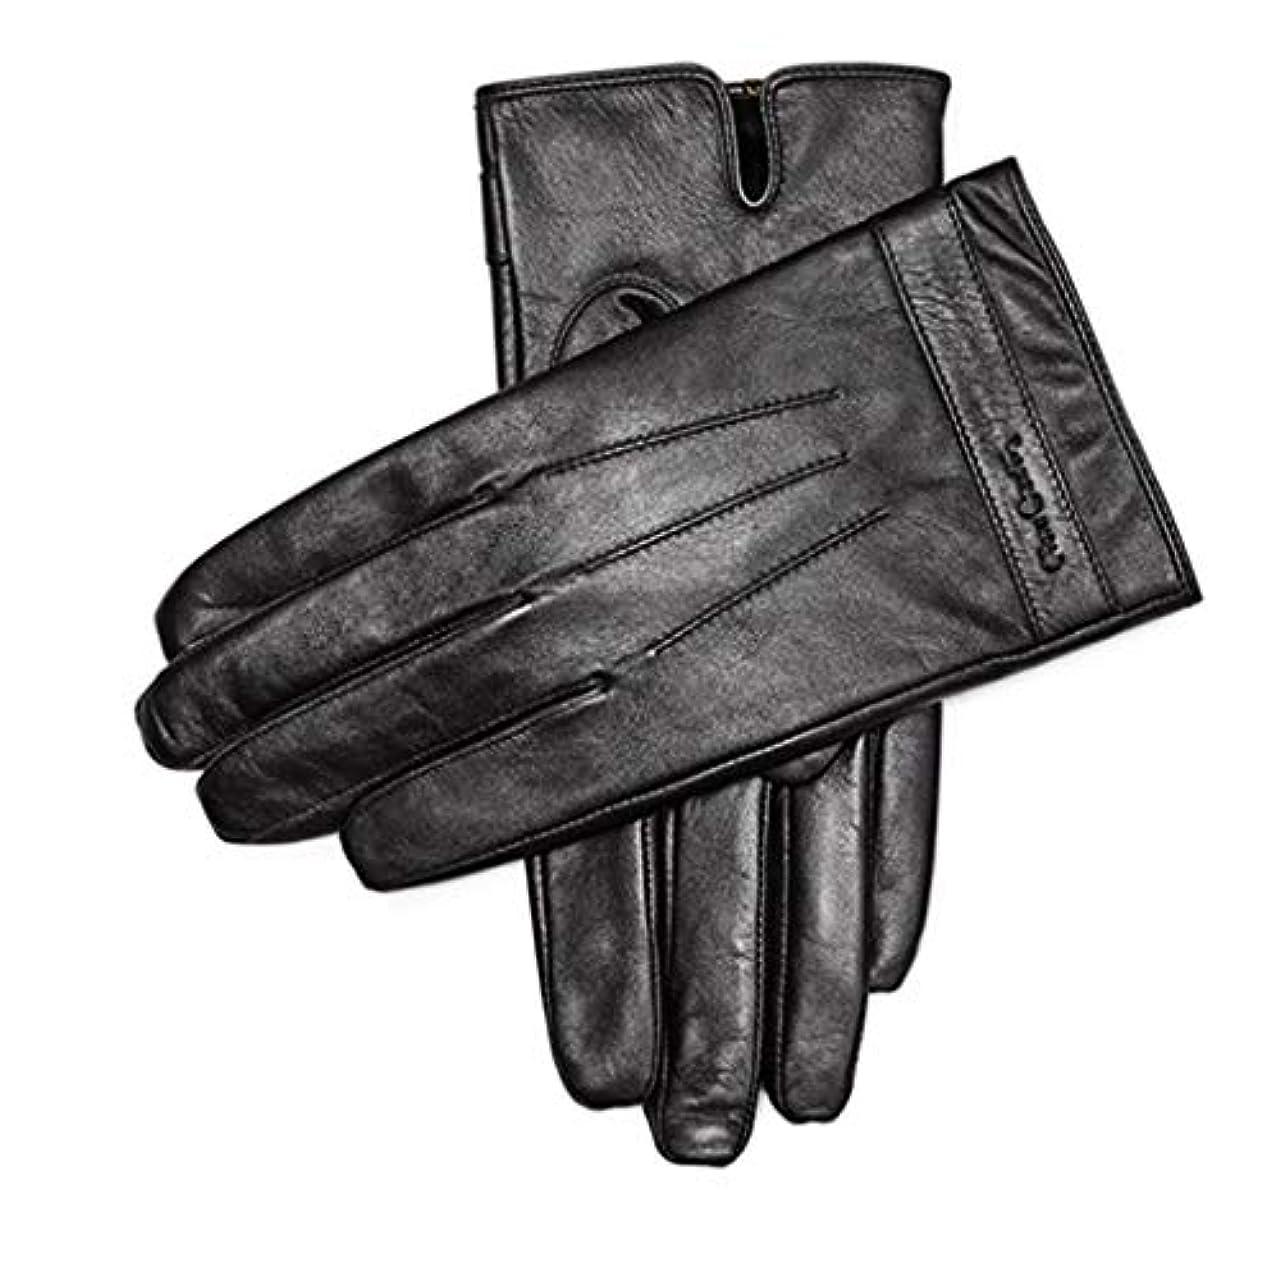 印象キャンプ意識的手袋暖かい肥厚プラスベルベットメンズシープスキン手袋メンズウィンターアンチスキッドサイクリングレザーグローブタッチスクリーンモデル(883191170-1厚いベルベット)L(175 / 65-70KG)